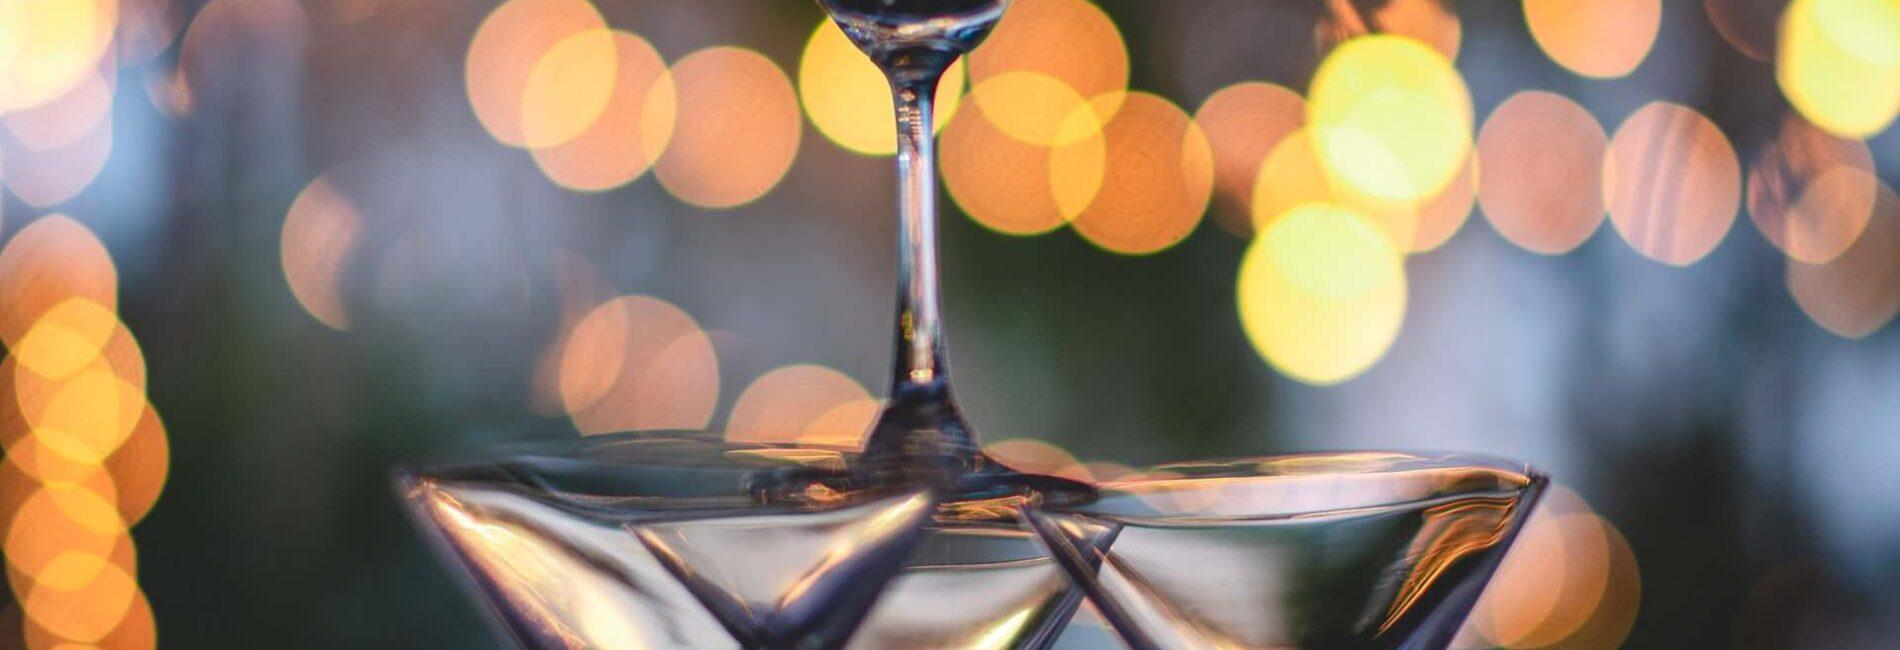 The Art of Making the Perfect Mizuwari Japanese Martini